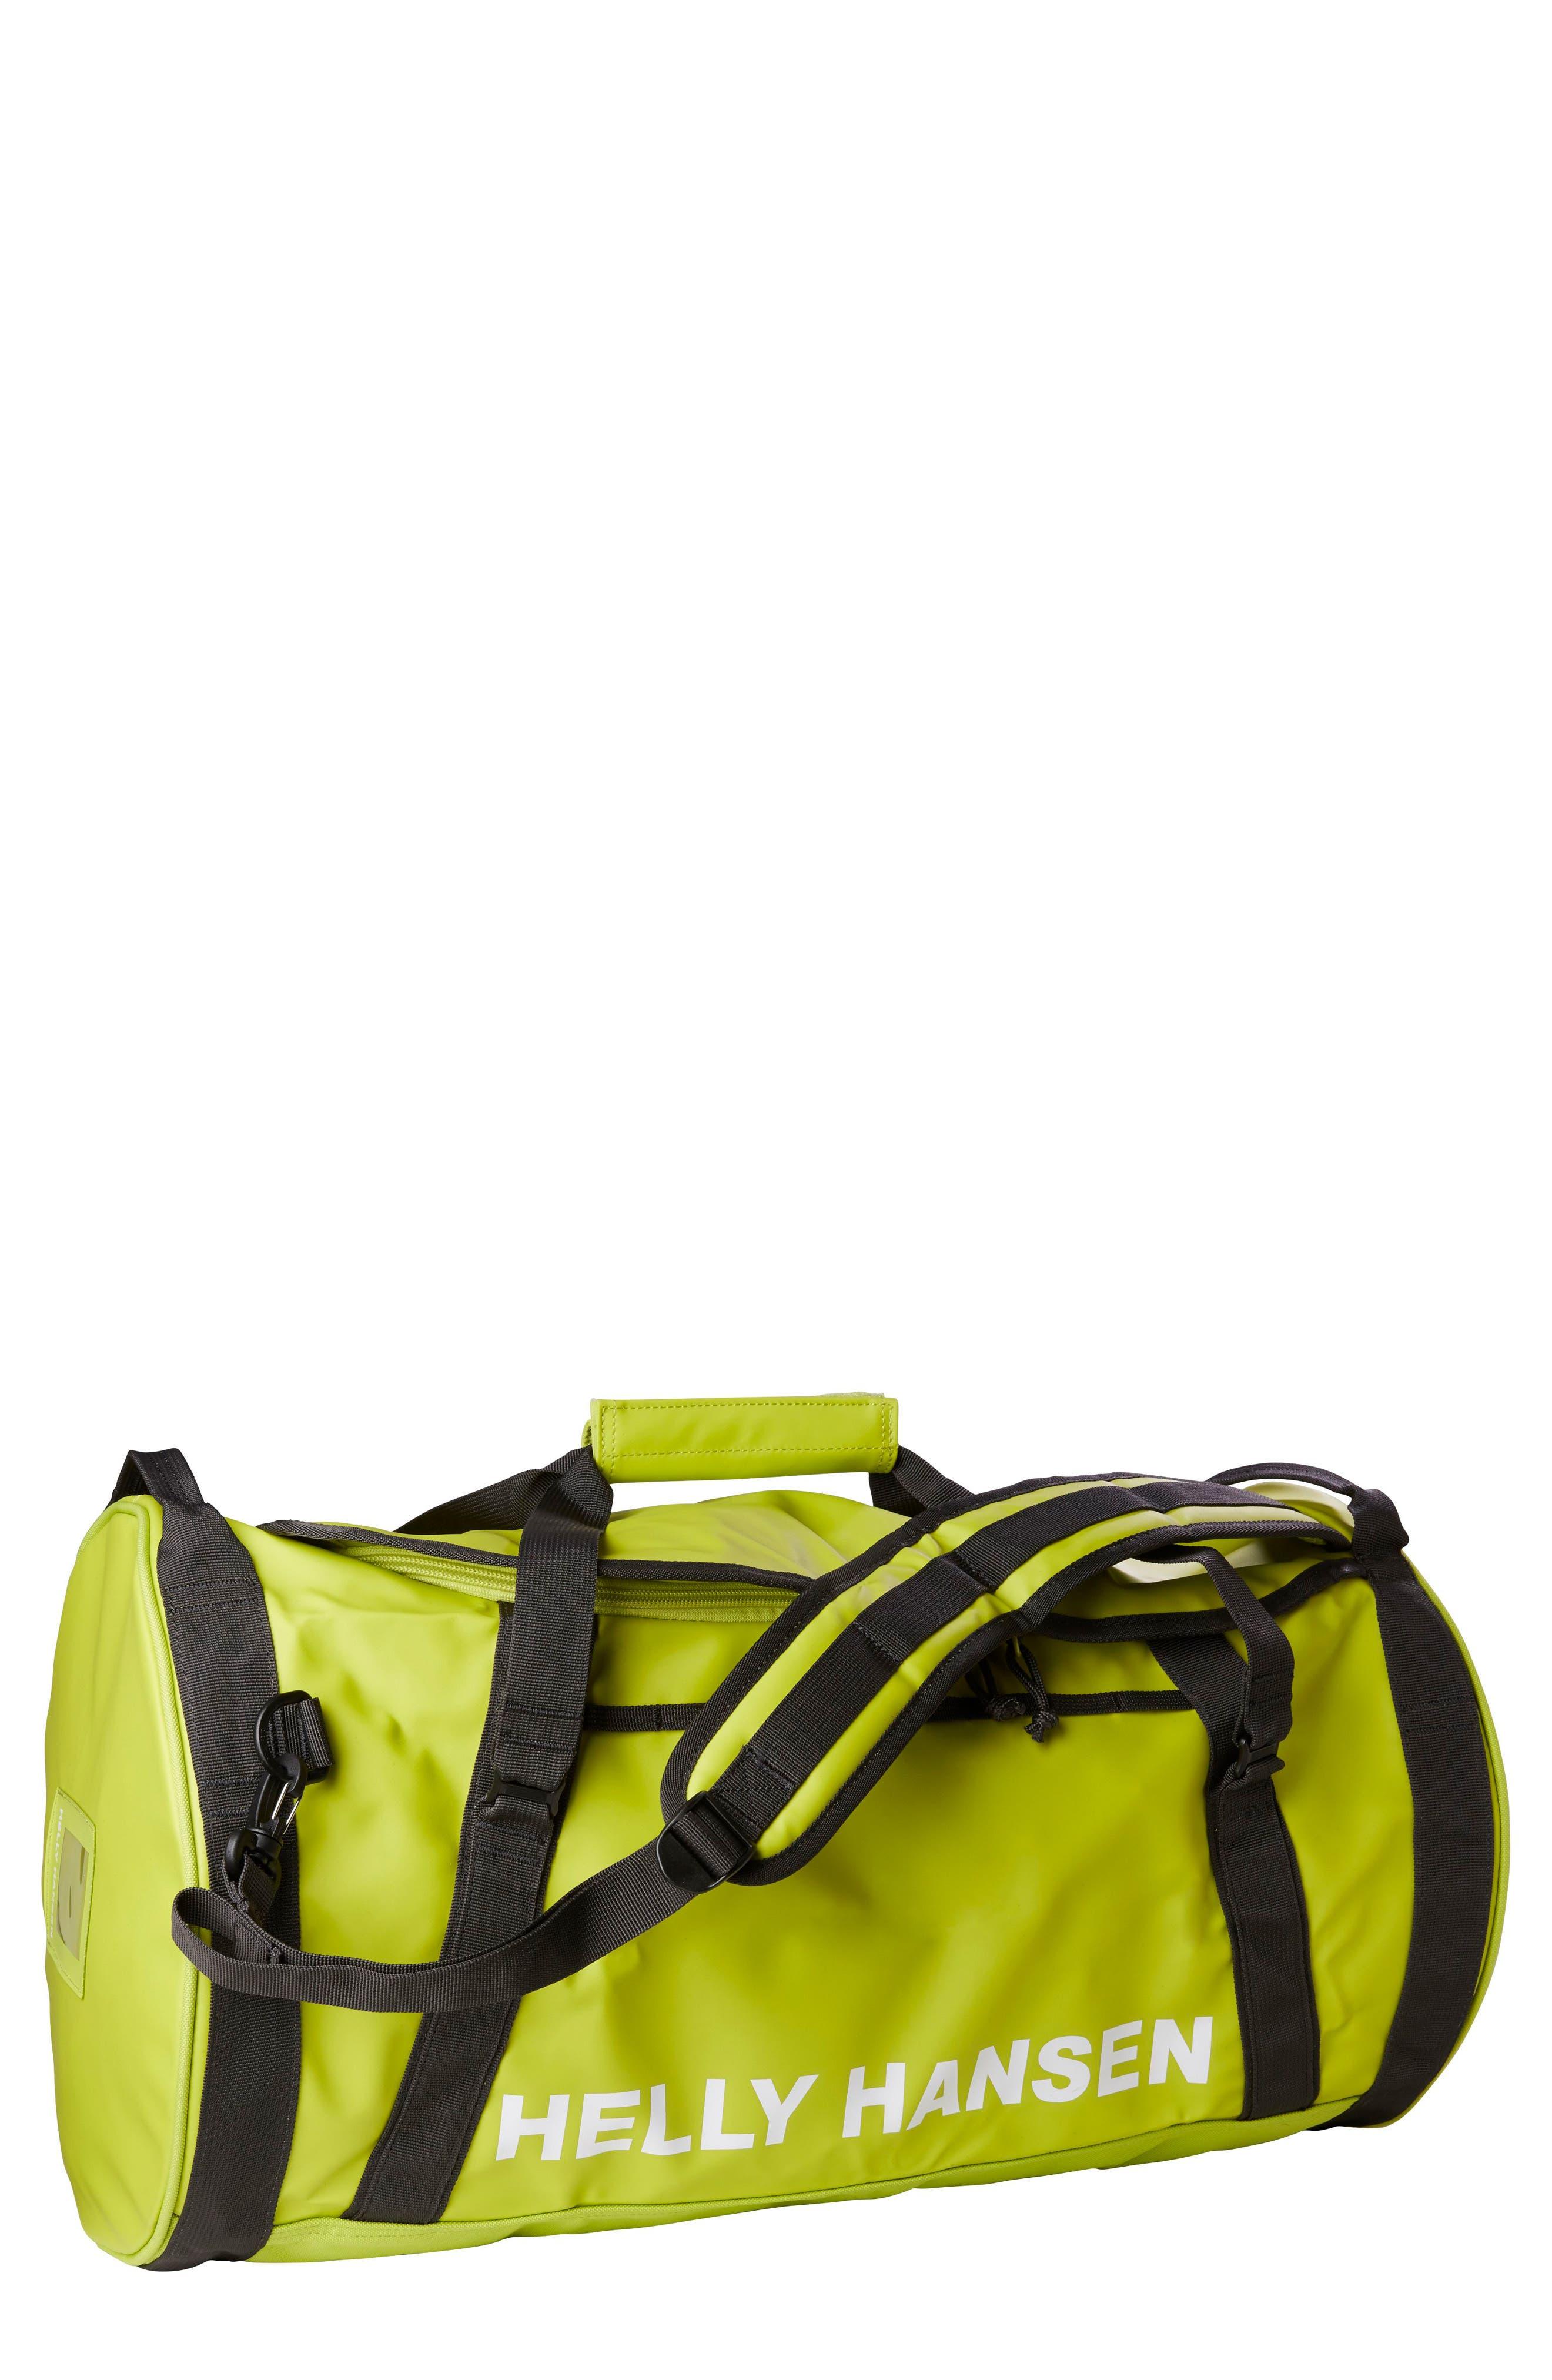 50-Liter Duffel Bag,                             Main thumbnail 1, color,                             Black